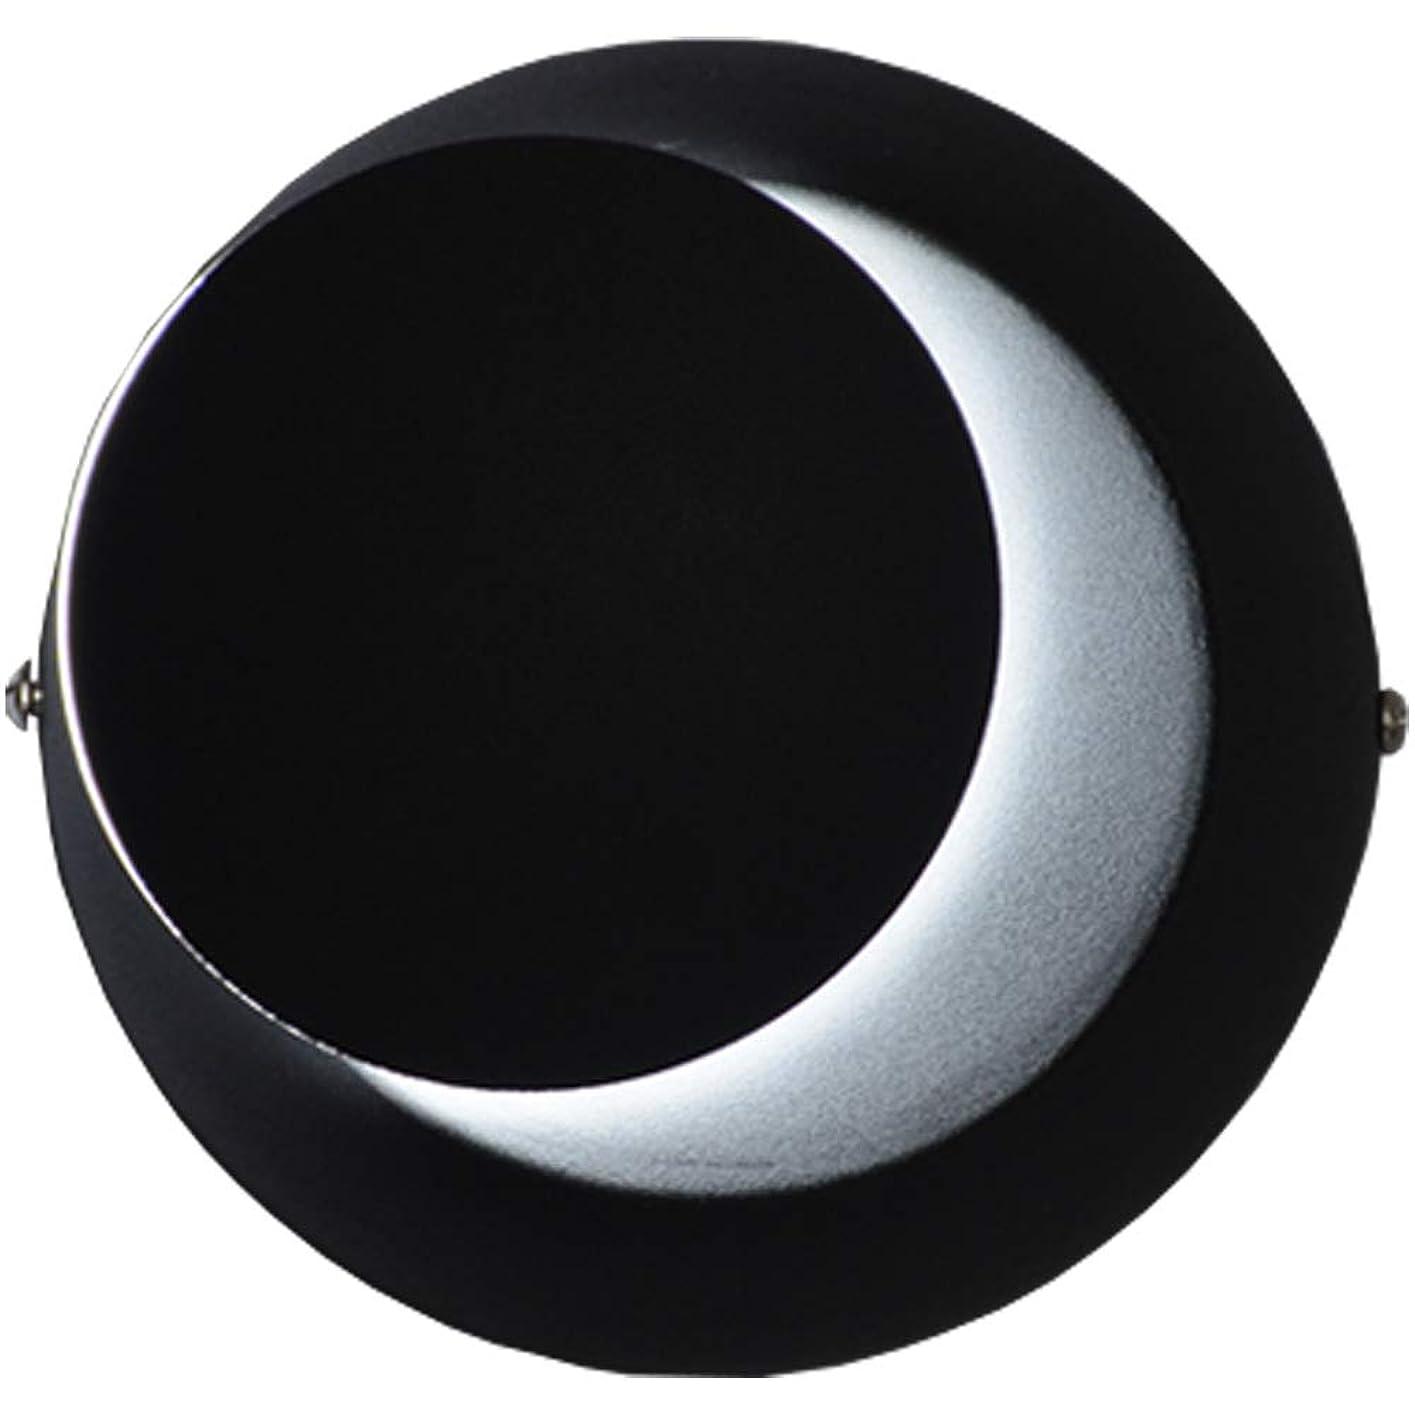 バウンド大人適用する北欧のシンプルなLEDウォールランプ白/黒の寝室のベッドサイドのリビングルームの廊下は月の形の装飾的な壁ランプを回転させることができます (Color : Black, Design : White light)